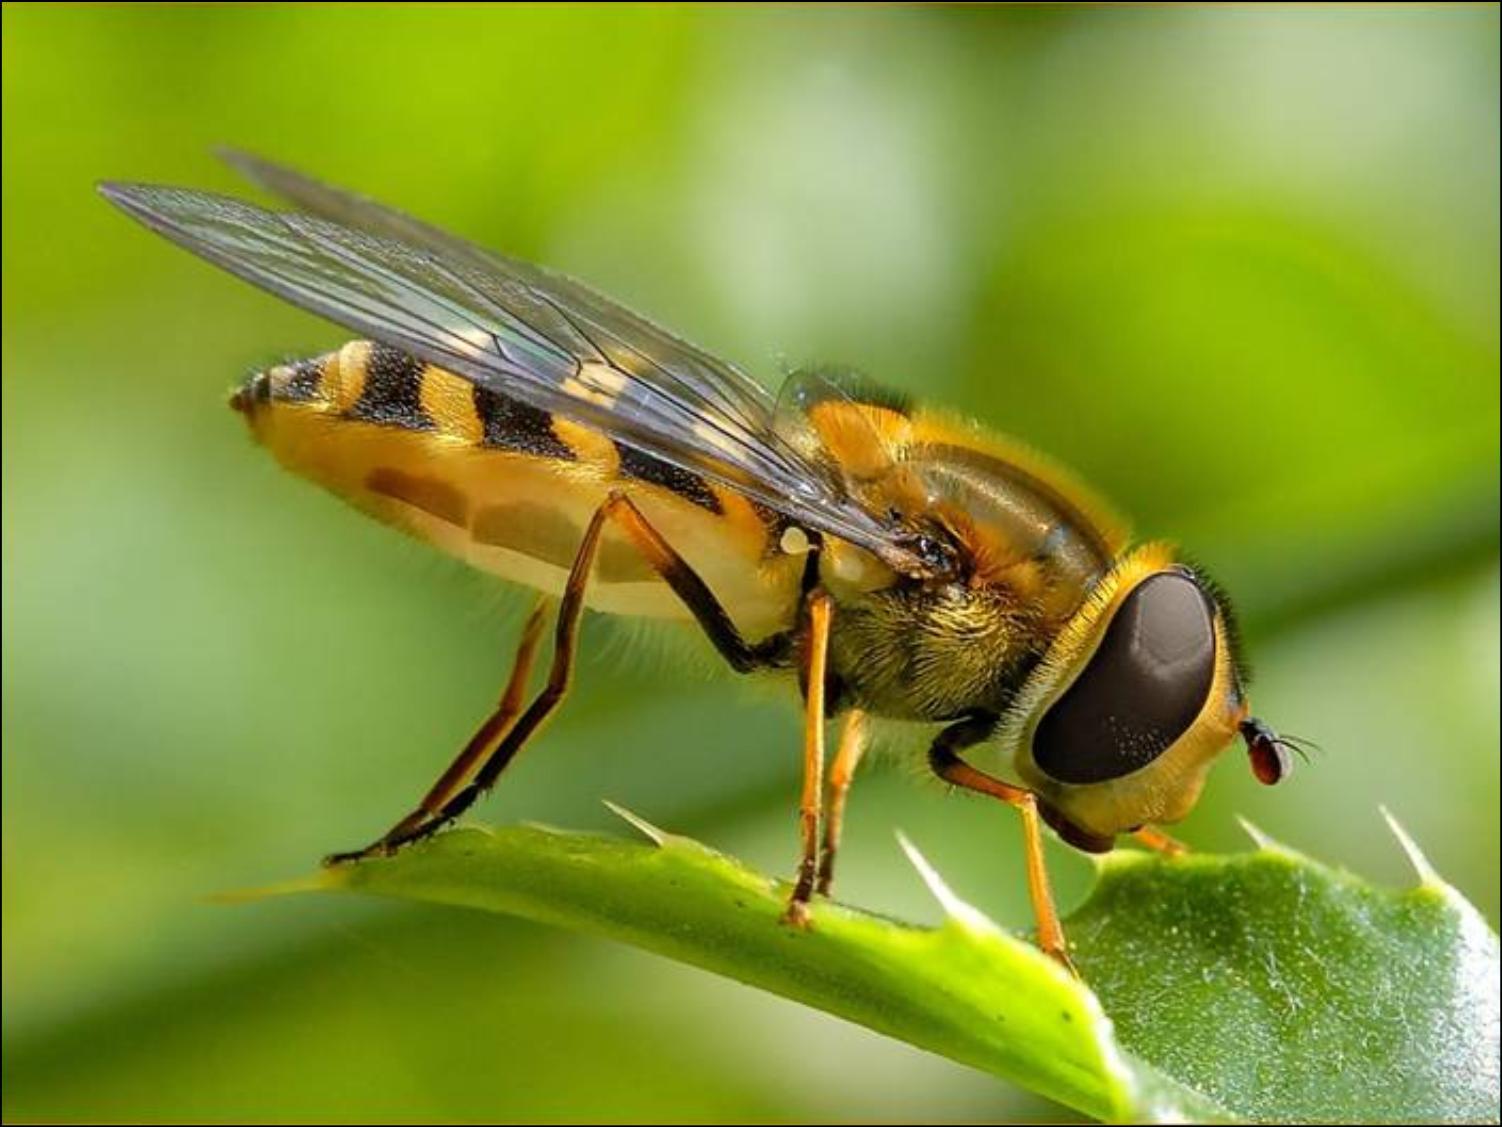 Arı Alerjisi Nedir? Nelere Dikkat Edilir?